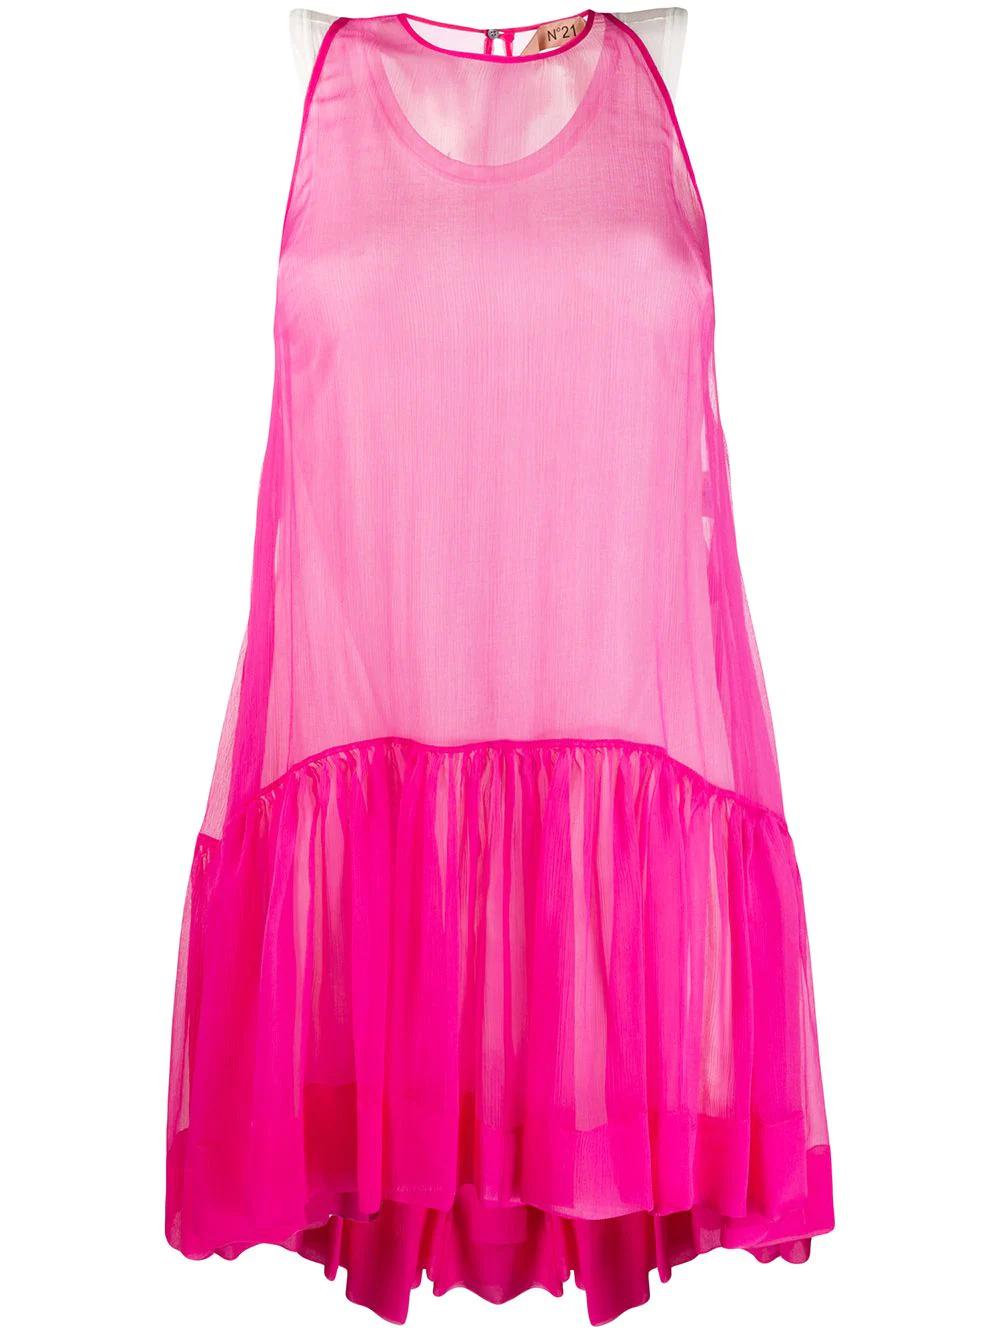 No. 21 | расклешенное платье без рукавов | Clouty